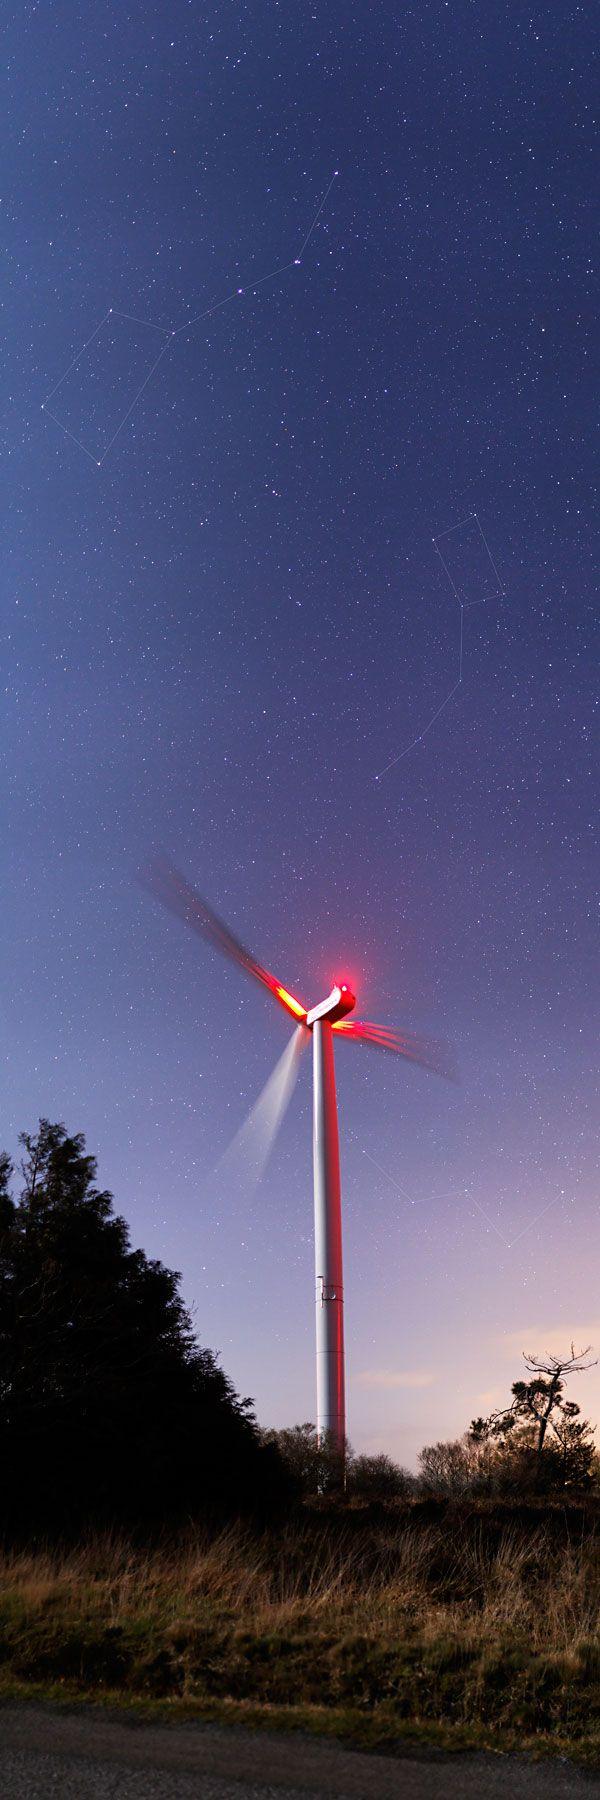 Une éolienne, la Petite et Grande Ourse et Cassiopée